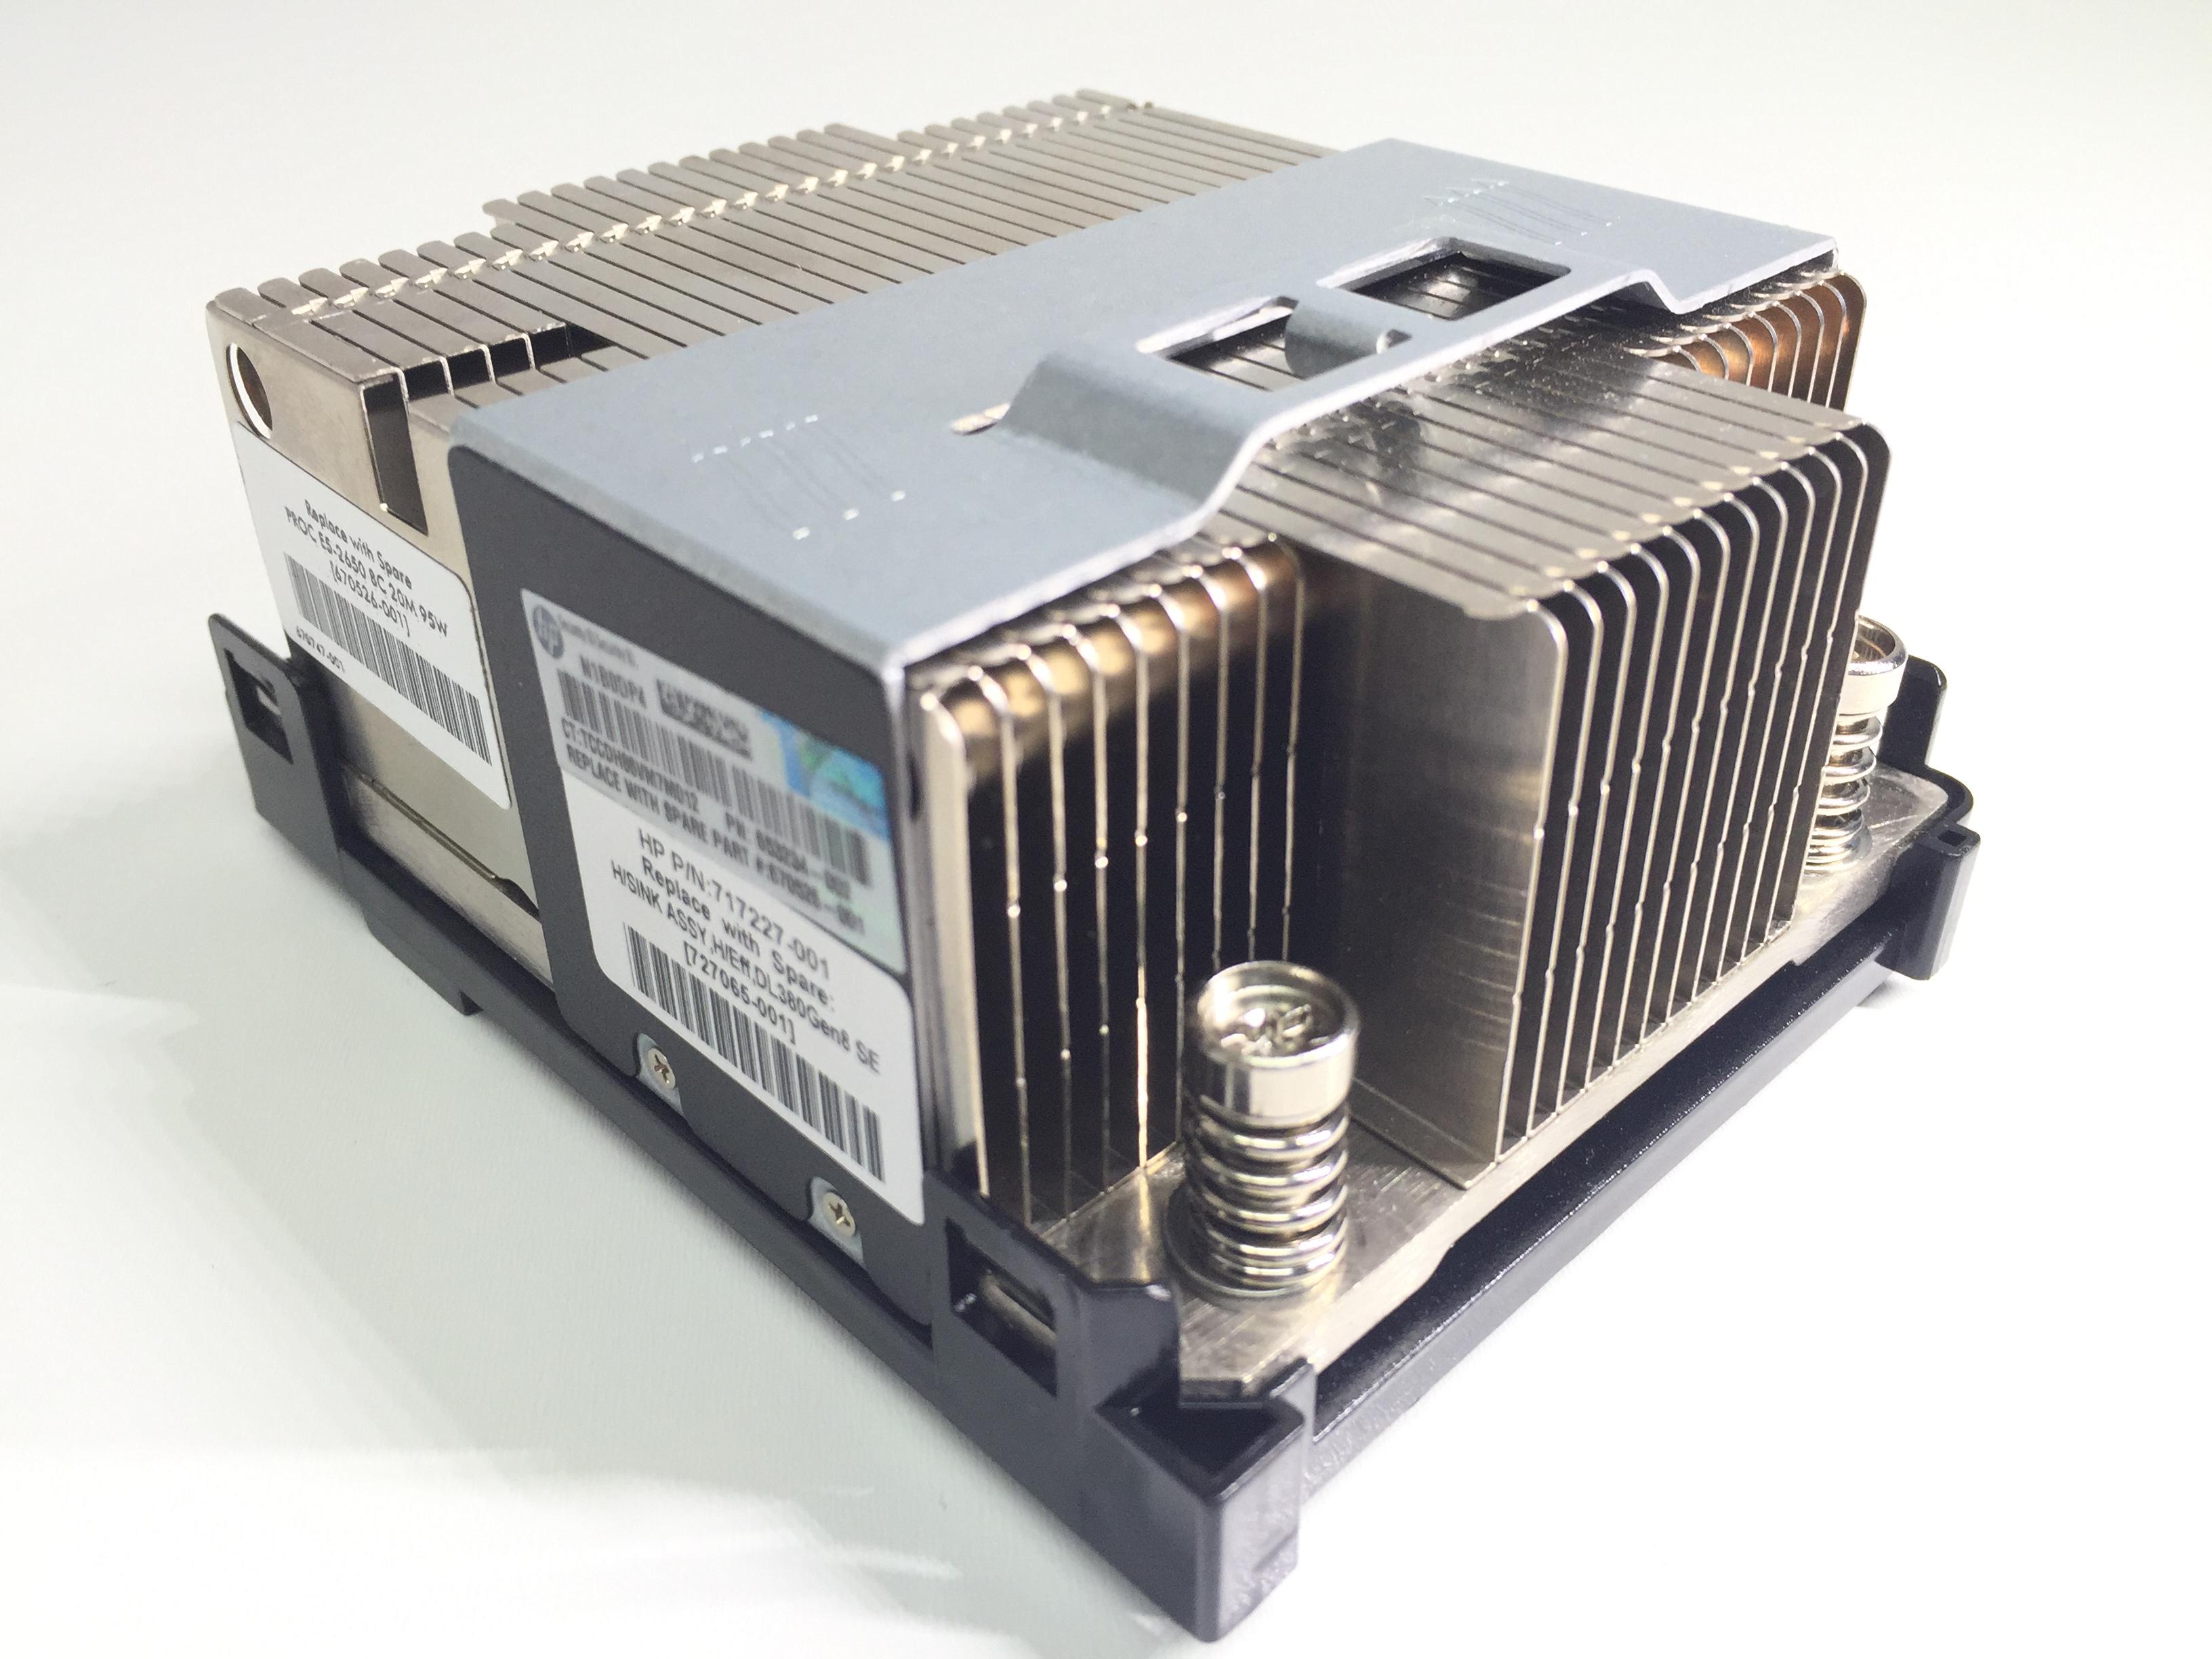 HP Proliant DL380 G8 Heatsink (727065-001)